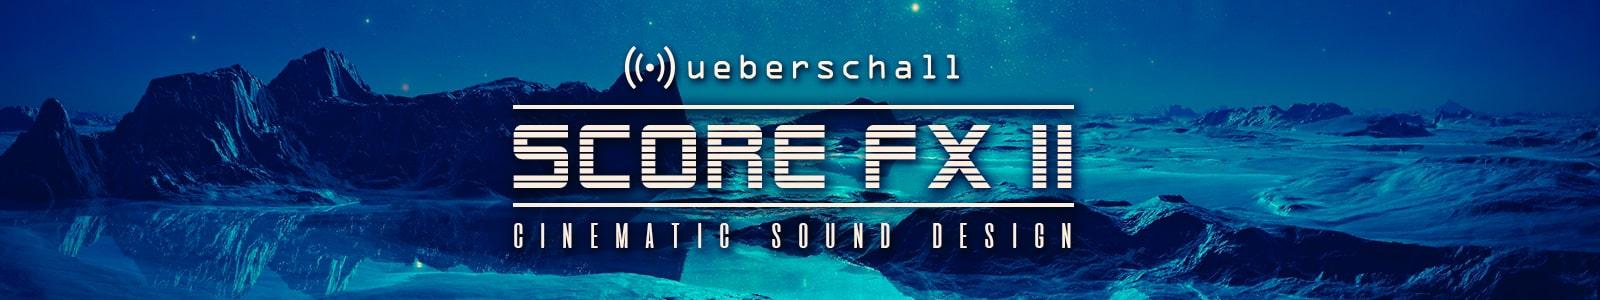 score fx 2 by ueberschall